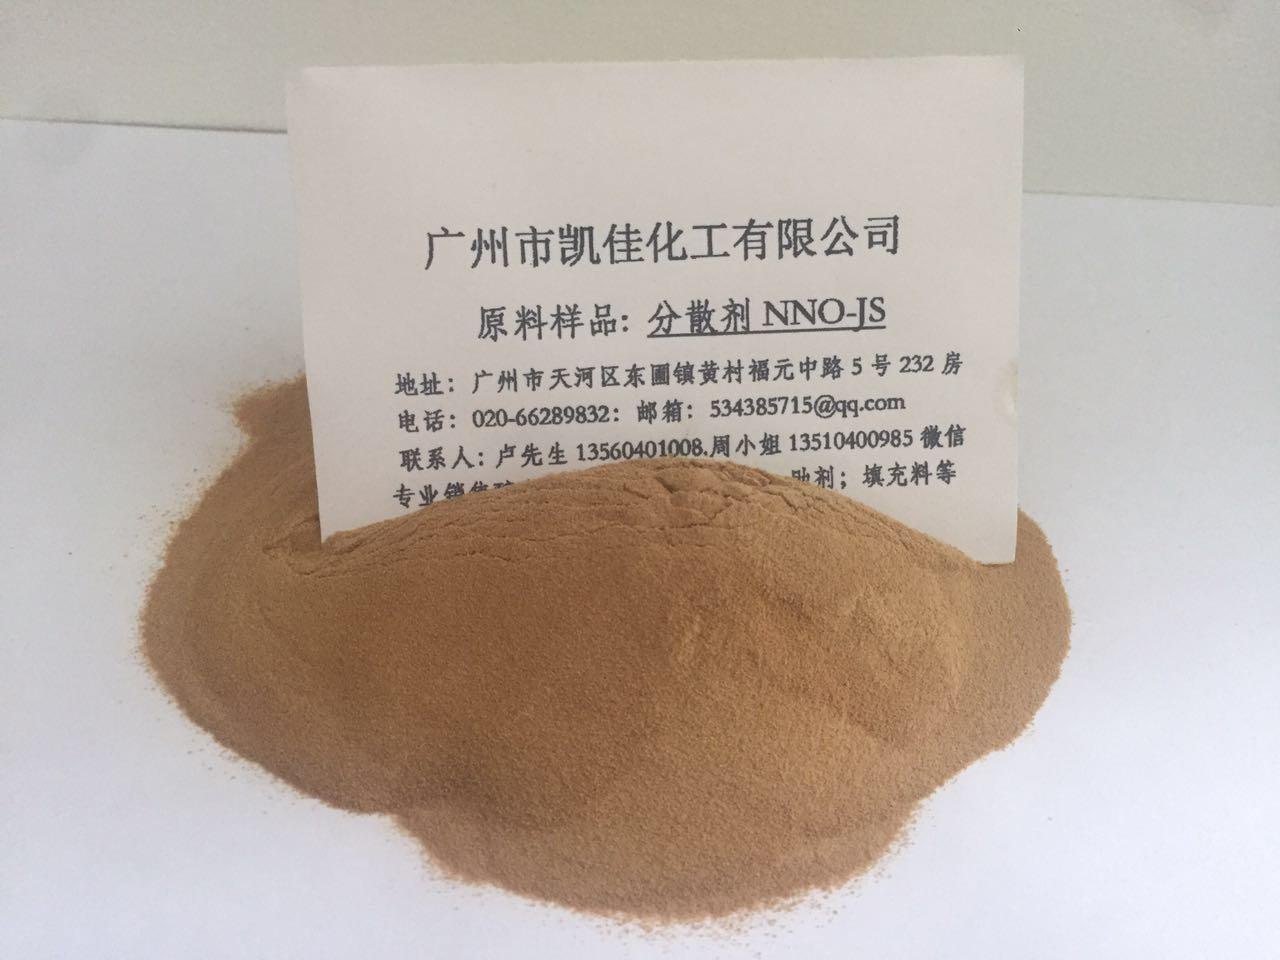 广州NNO分散剂供应产厂家/NNO分散剂批发直销/凯佳化工